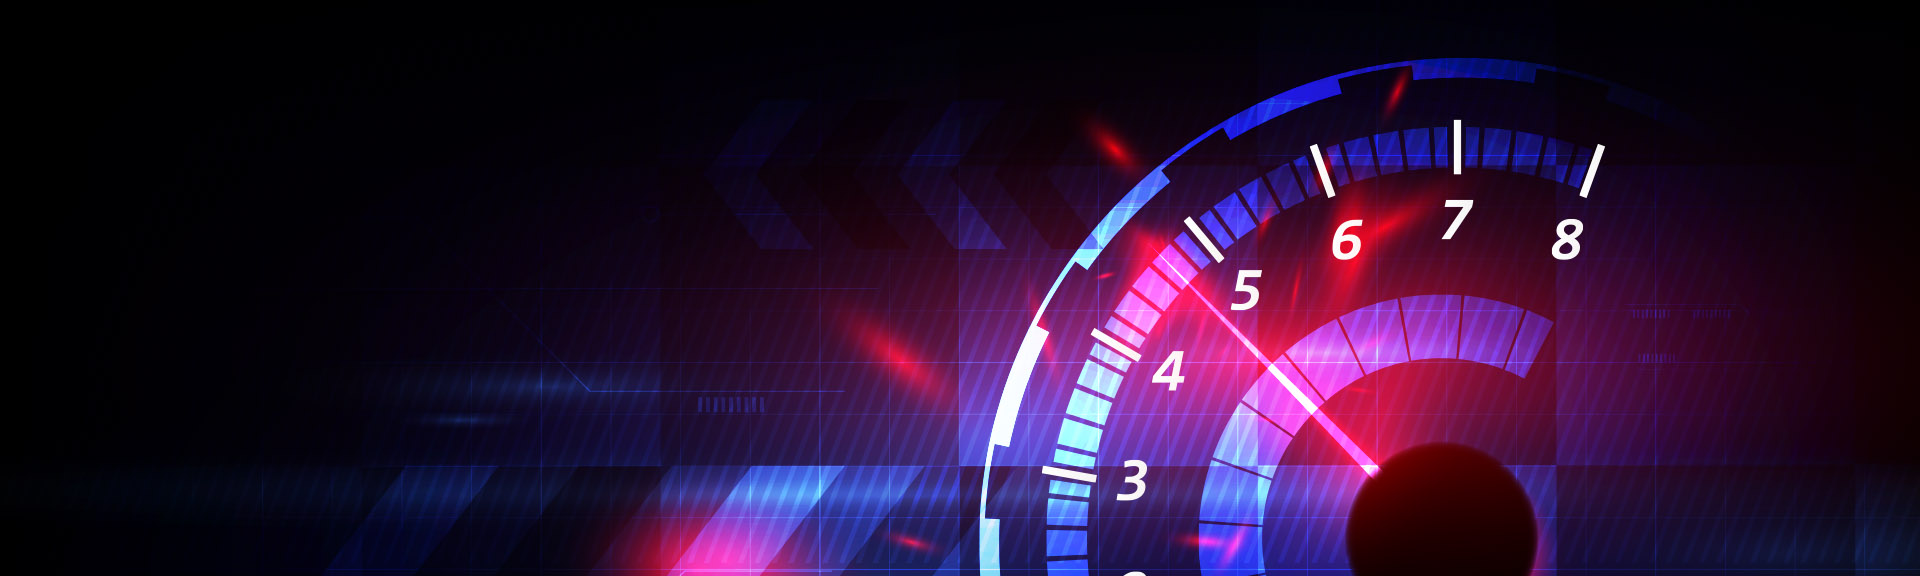 De laadsnelheid van uw website optimaliseren||5 toe te passen regels voor een vlotte en snelle website